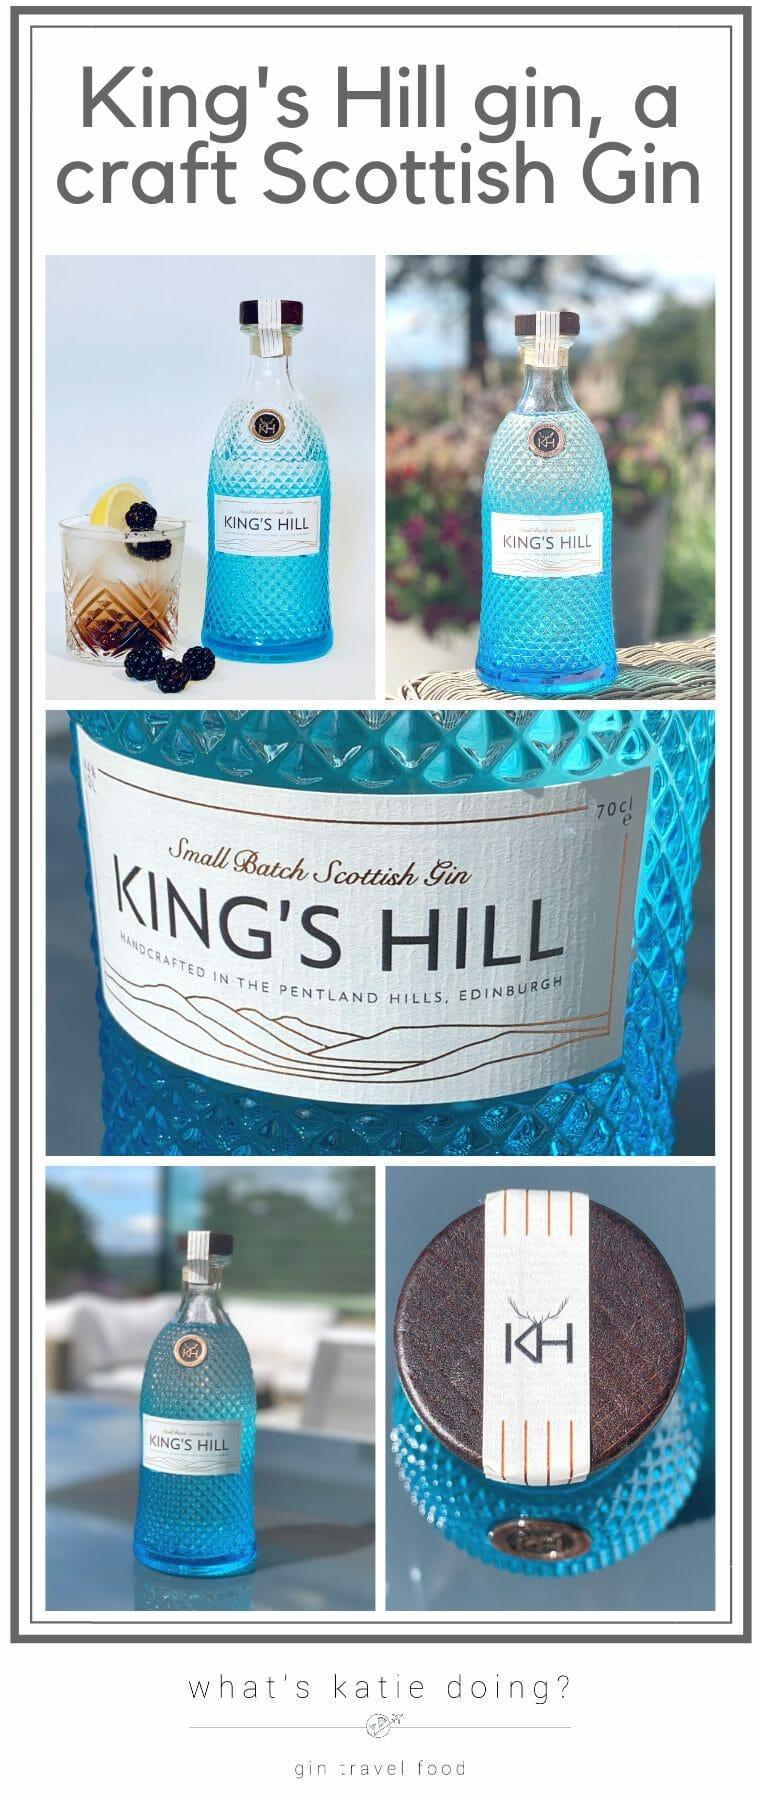 King's Hill gin a Scottish craft gin